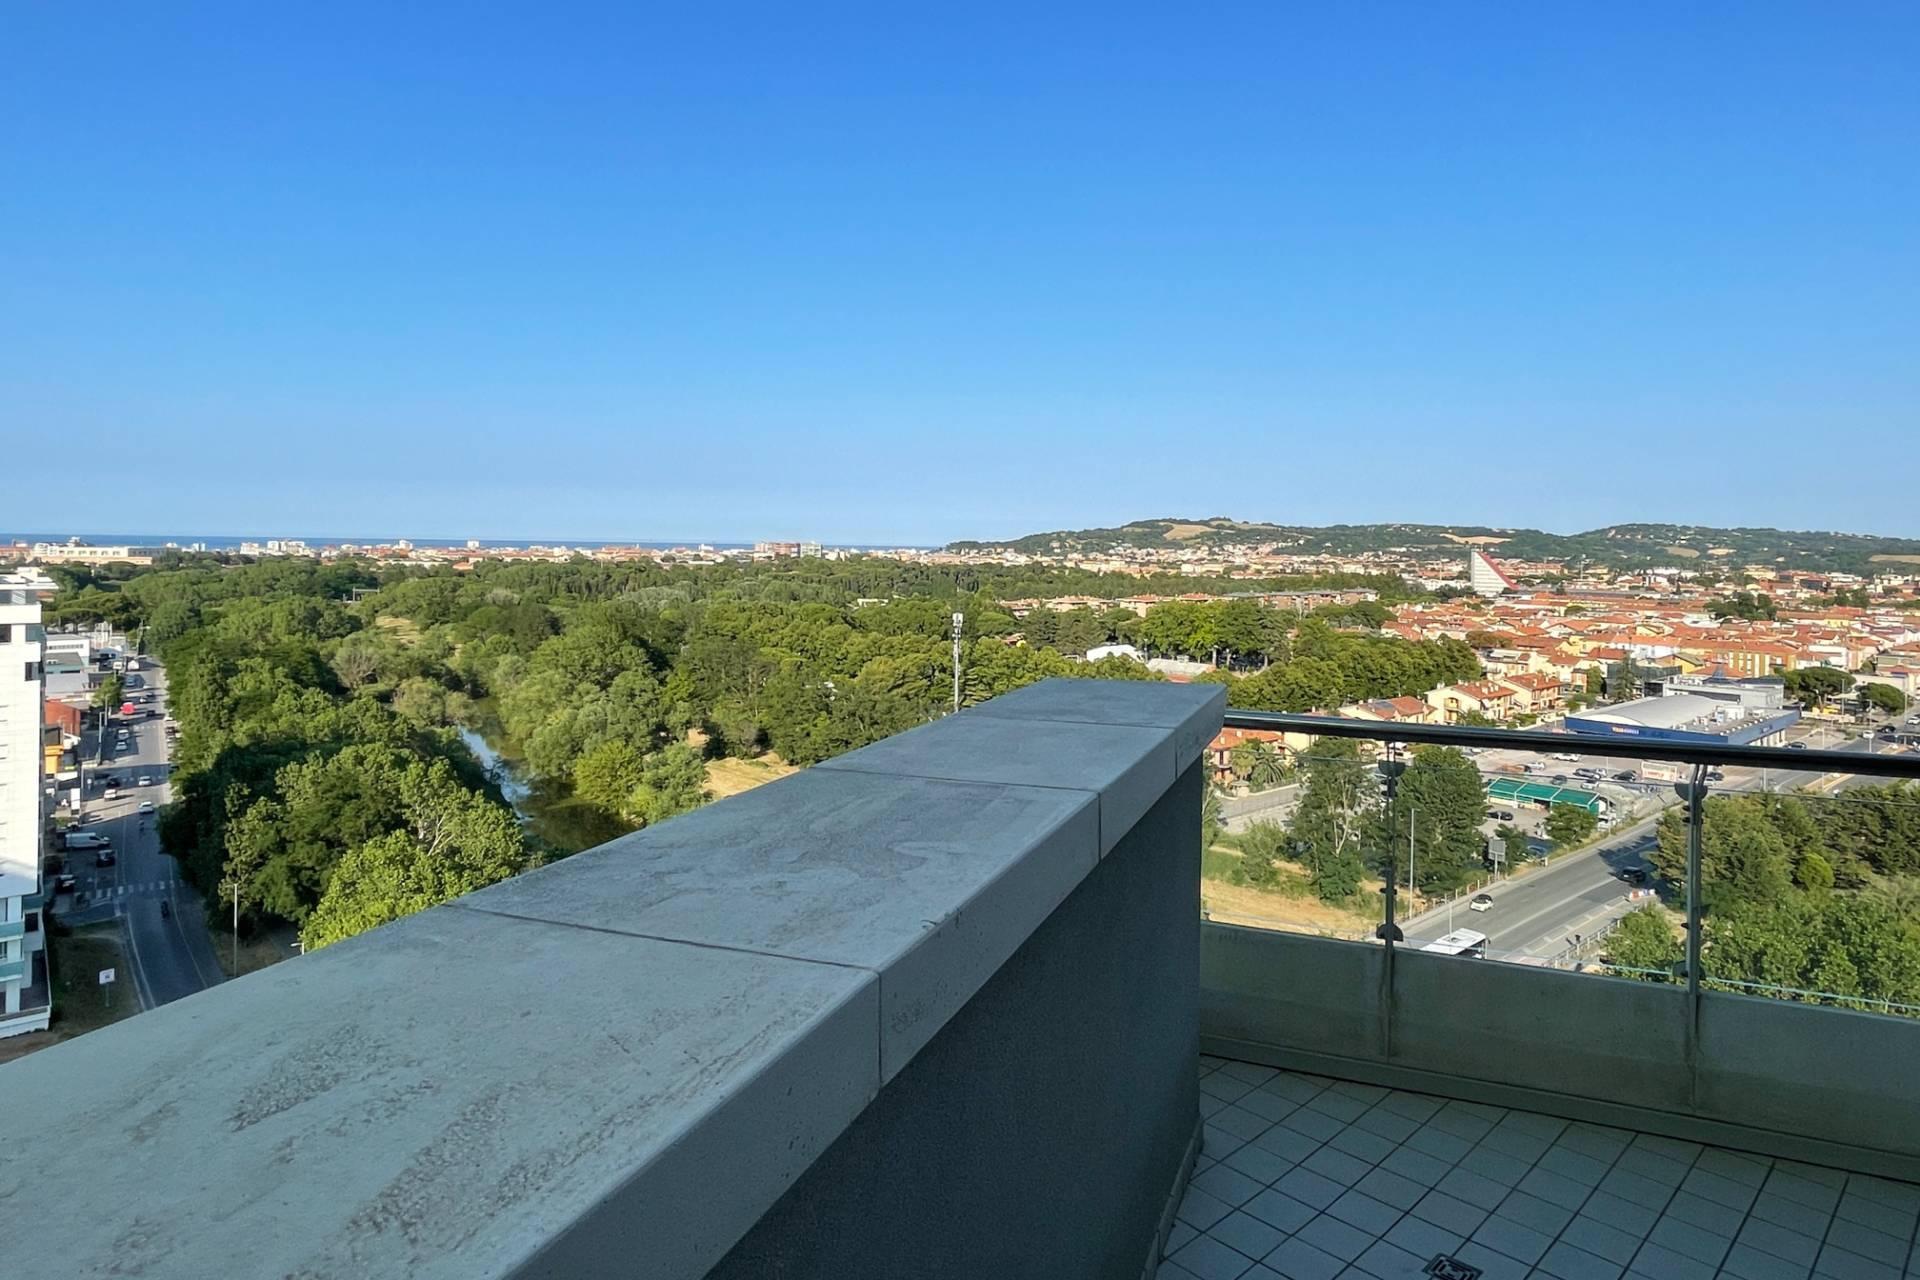 Attico / Mansarda in vendita a Pesaro, 4 locali, zona accia, prezzo € 395.000 | PortaleAgenzieImmobiliari.it